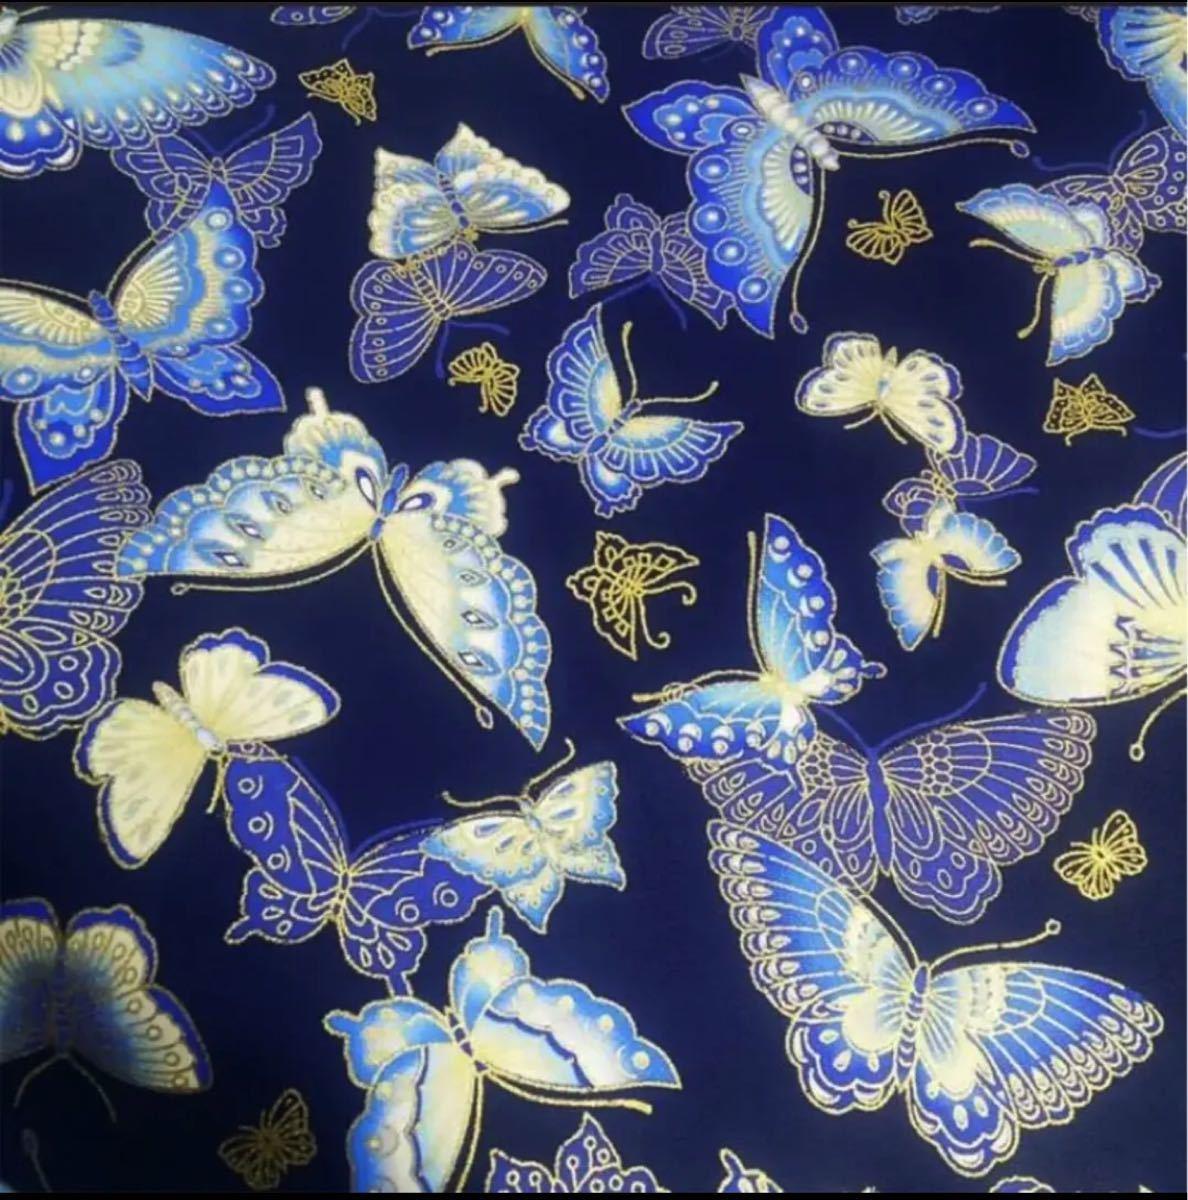 生地 ハギレ 布 和柄 蝶々花柄 146 x44 金糸プリント ネイビー